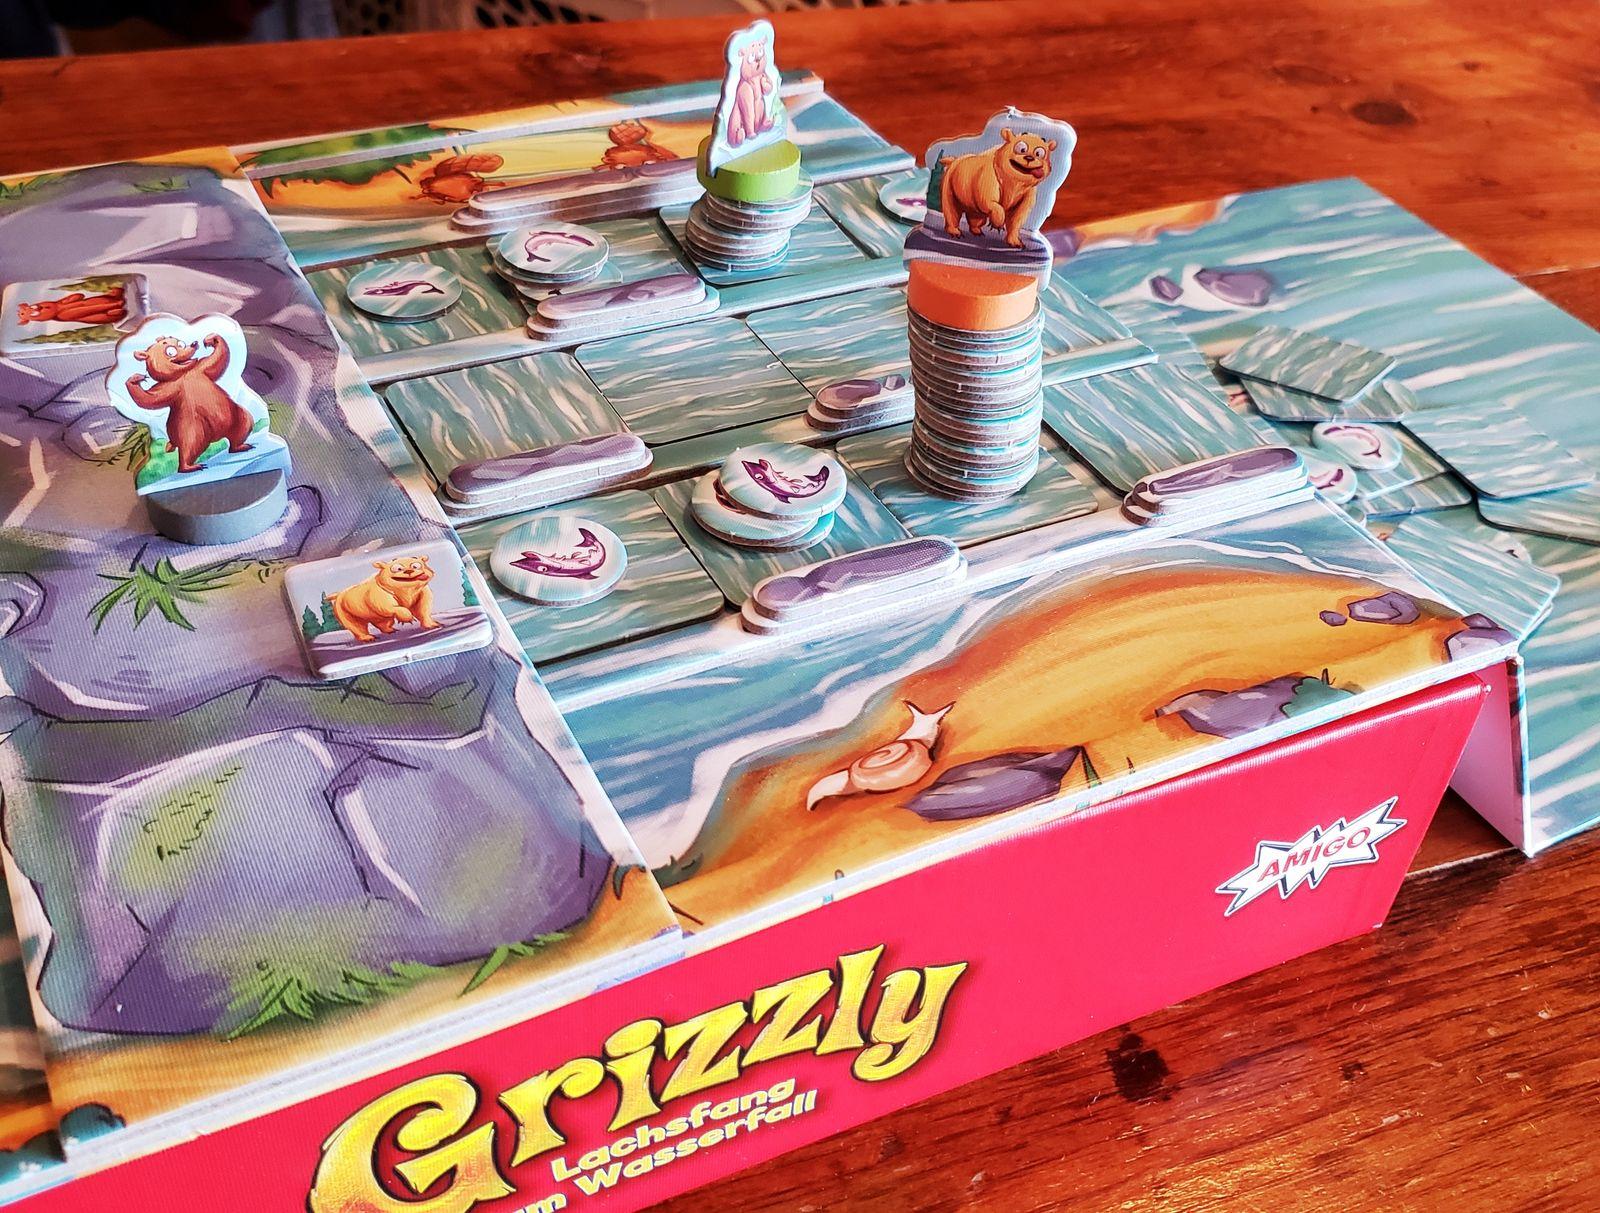 Grizzly Spielszene Copyright Hendrik Breuer